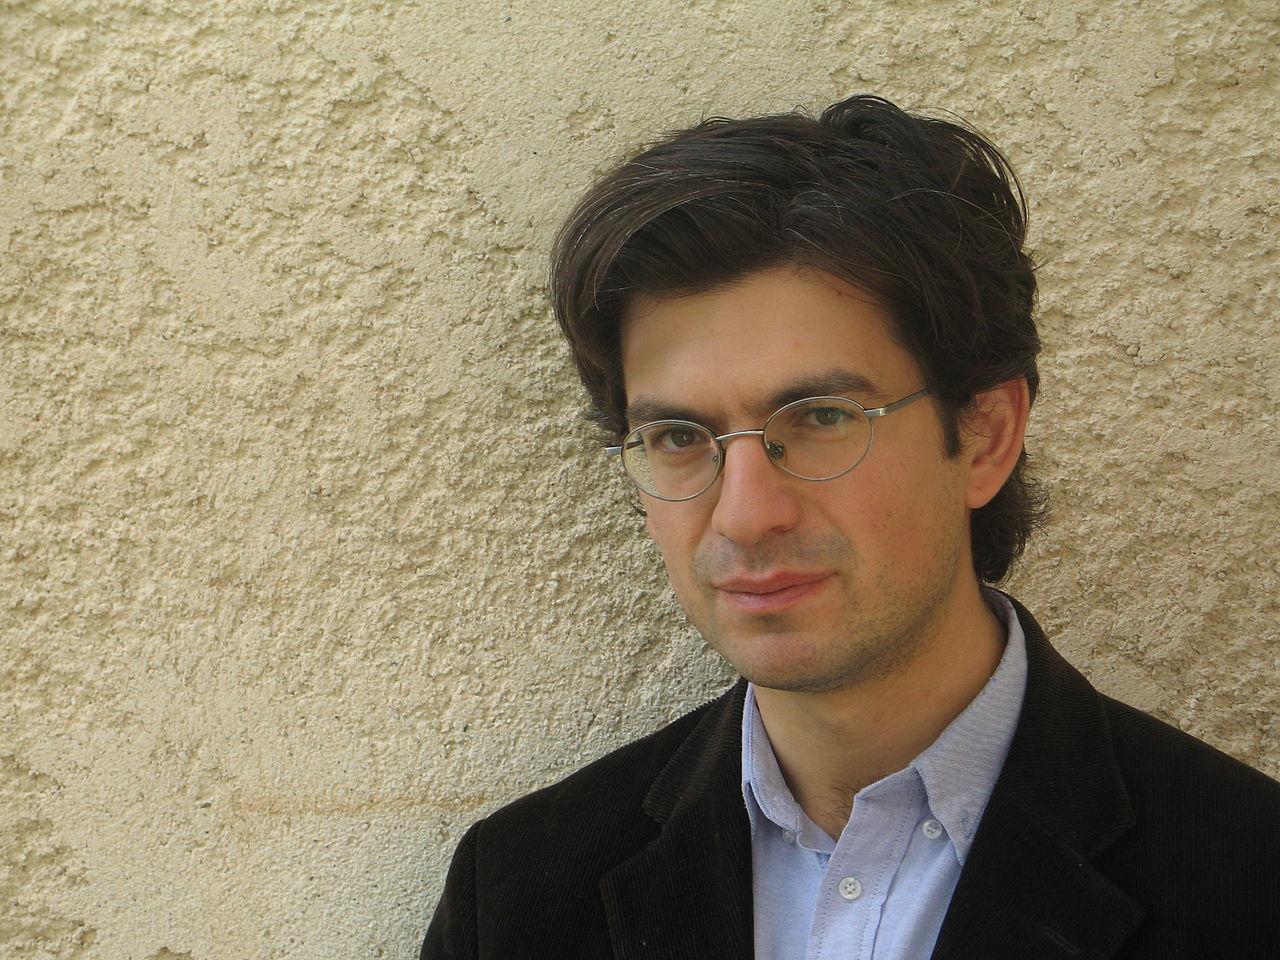 Fabrice Hadjadj à Lausanne ce jeudi 31